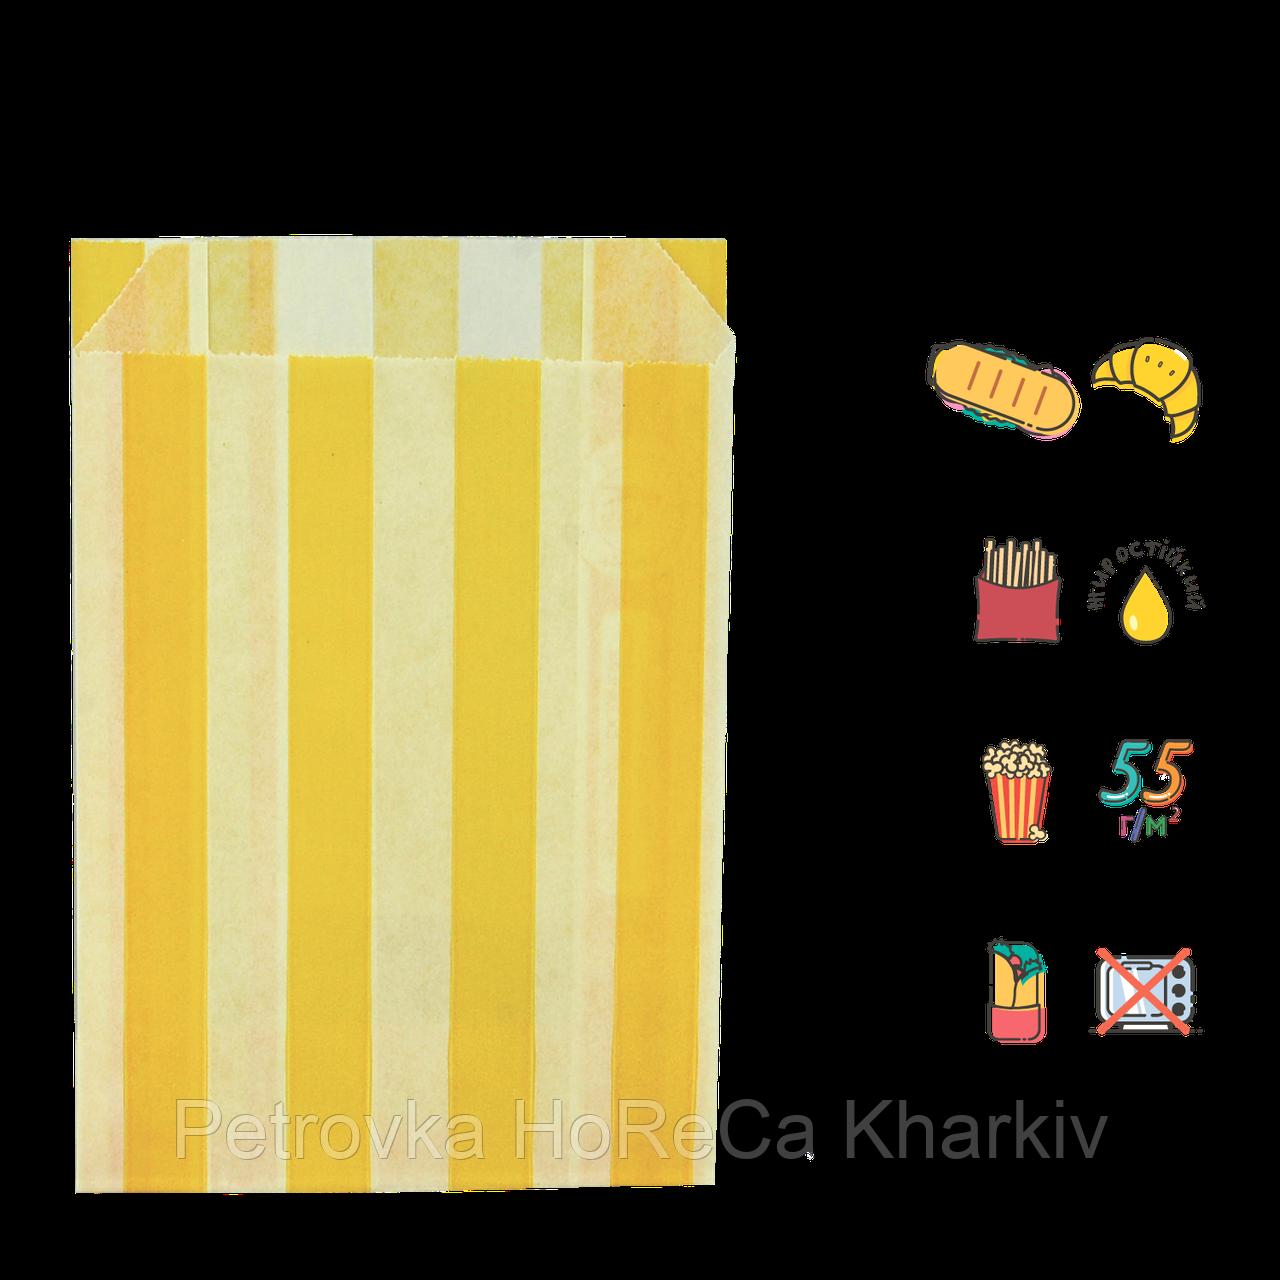 """Пакет бумажный """"Желтые полоски"""" жиростойкий  170х120х50мм (ВхШхГ) белый,  55г/м² 100шт (1883)"""